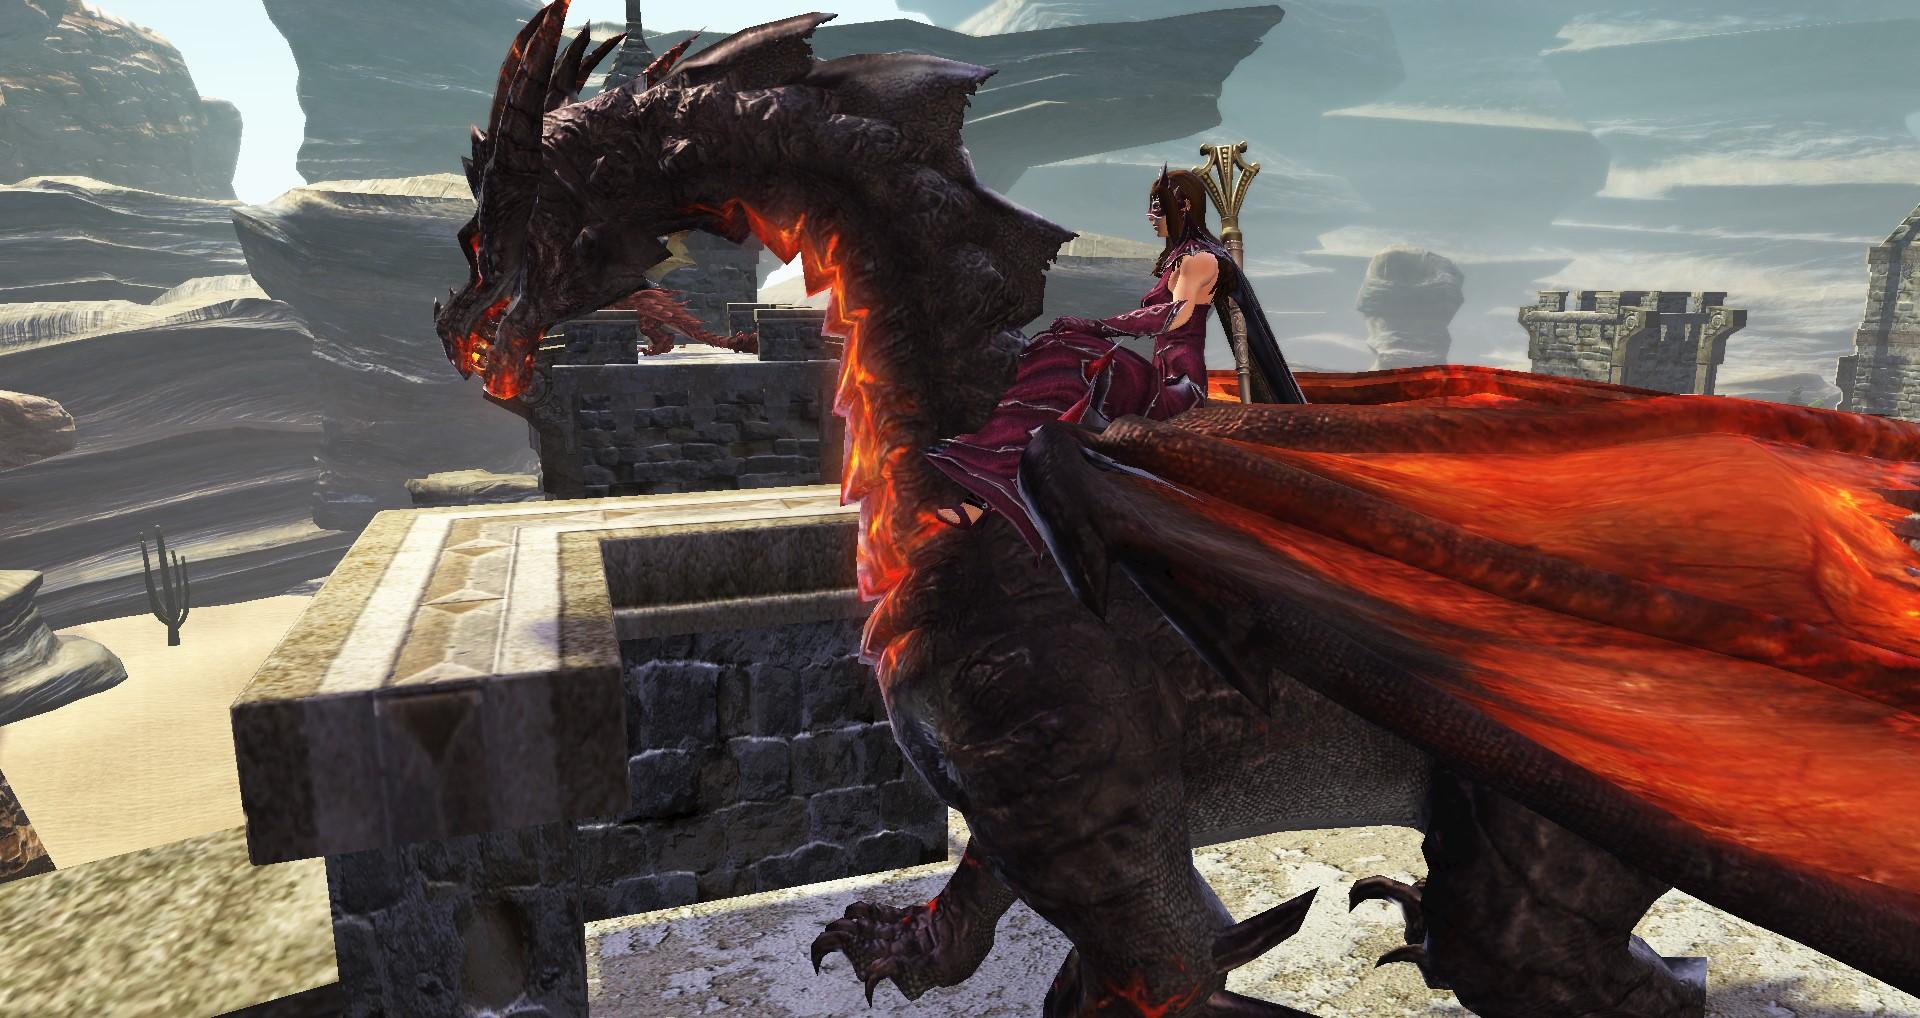 все игры с драконами картинки отметить, как эксперименты